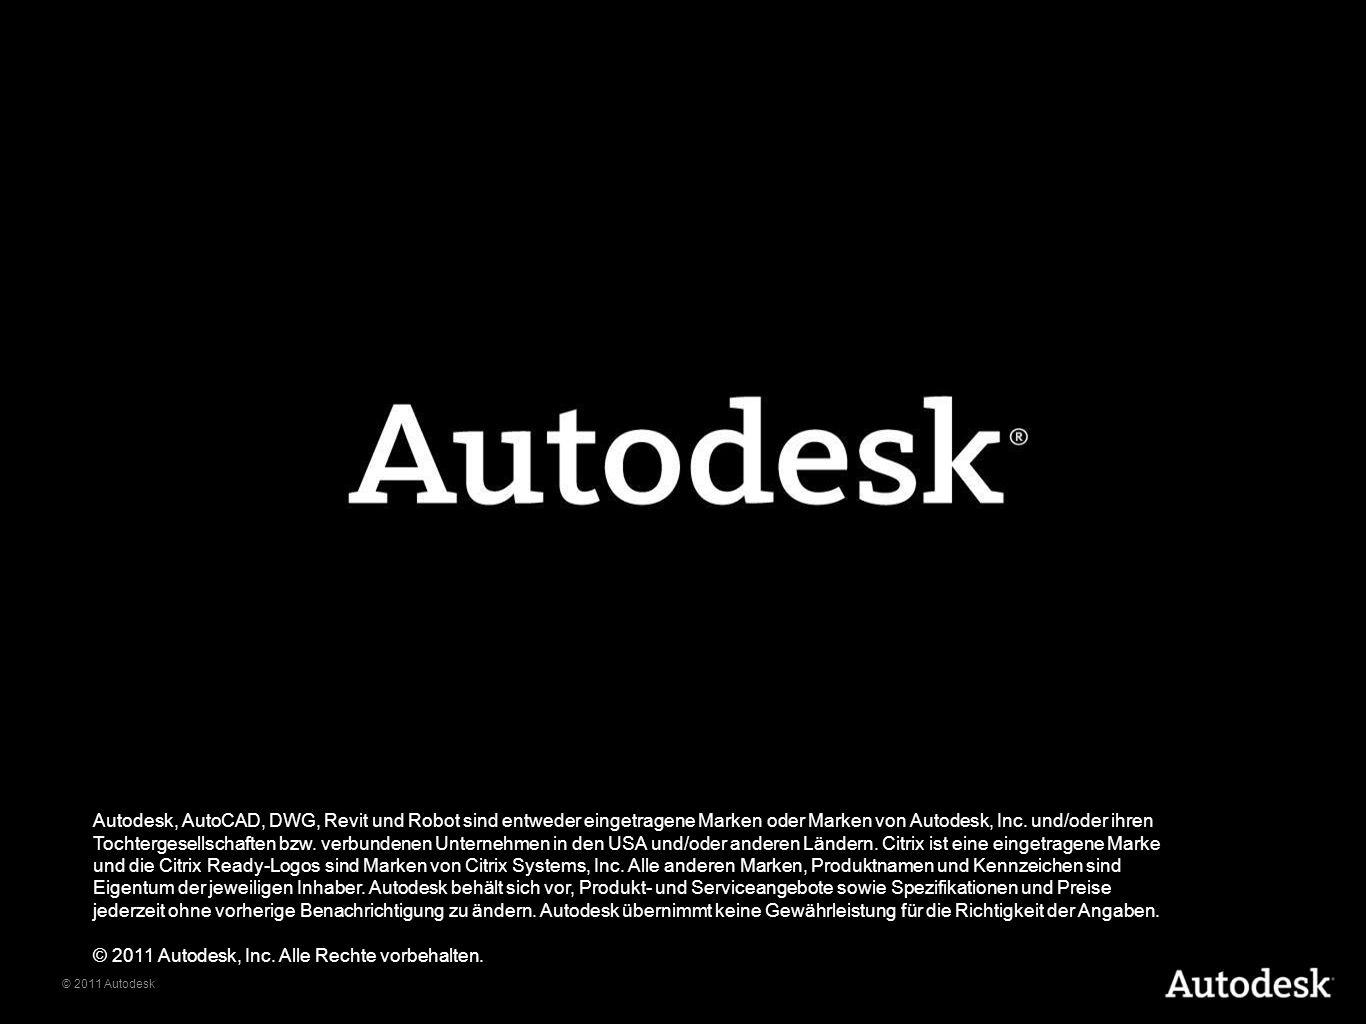 © 2011 Autodesk Autodesk, AutoCAD, DWG, Revit und Robot sind entweder eingetragene Marken oder Marken von Autodesk, Inc. und/oder ihren Tochtergesells